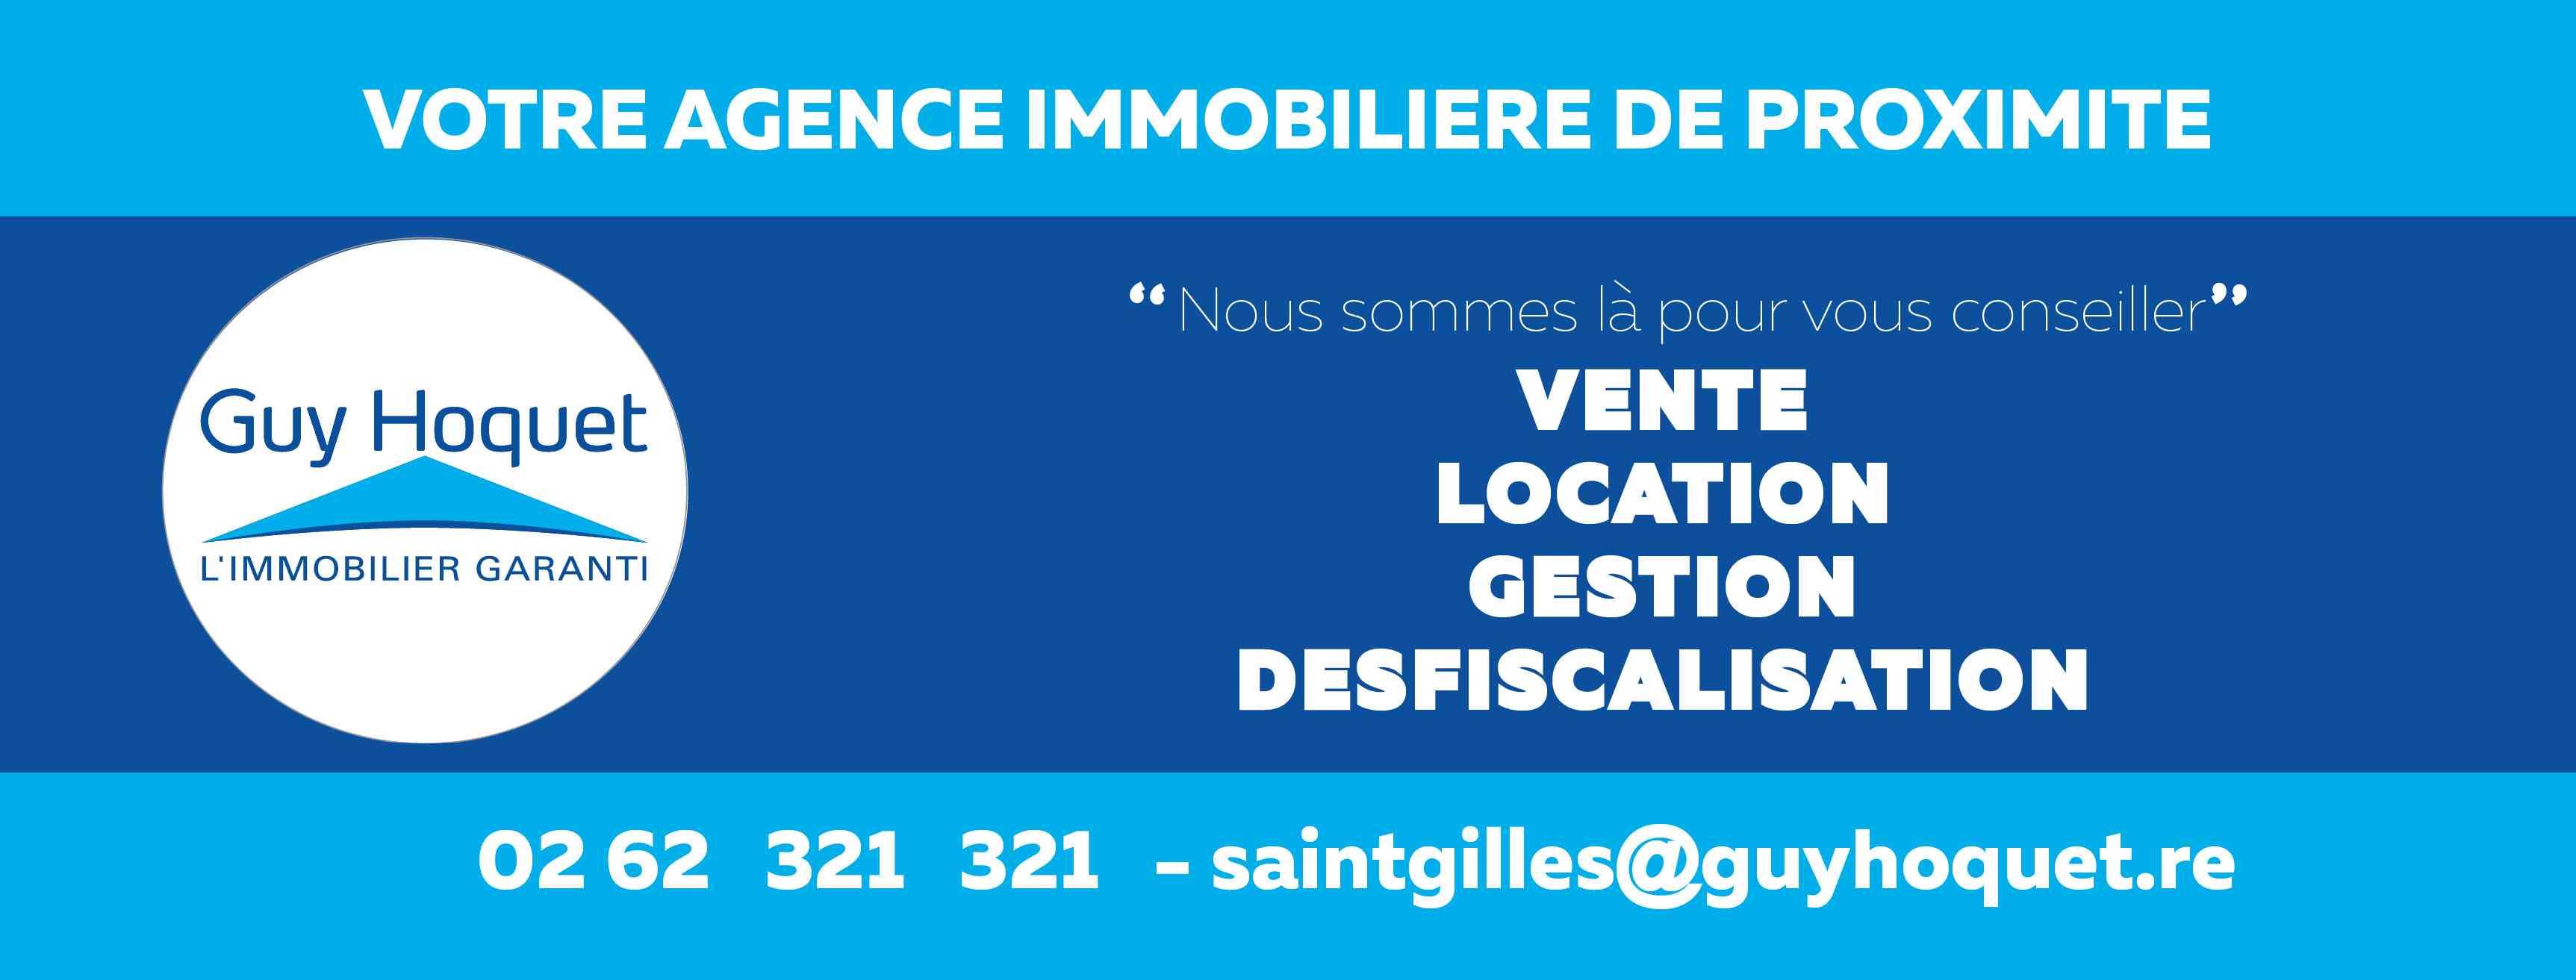 Romain Verguin | Réunion Reunion | 360 3D VR tours